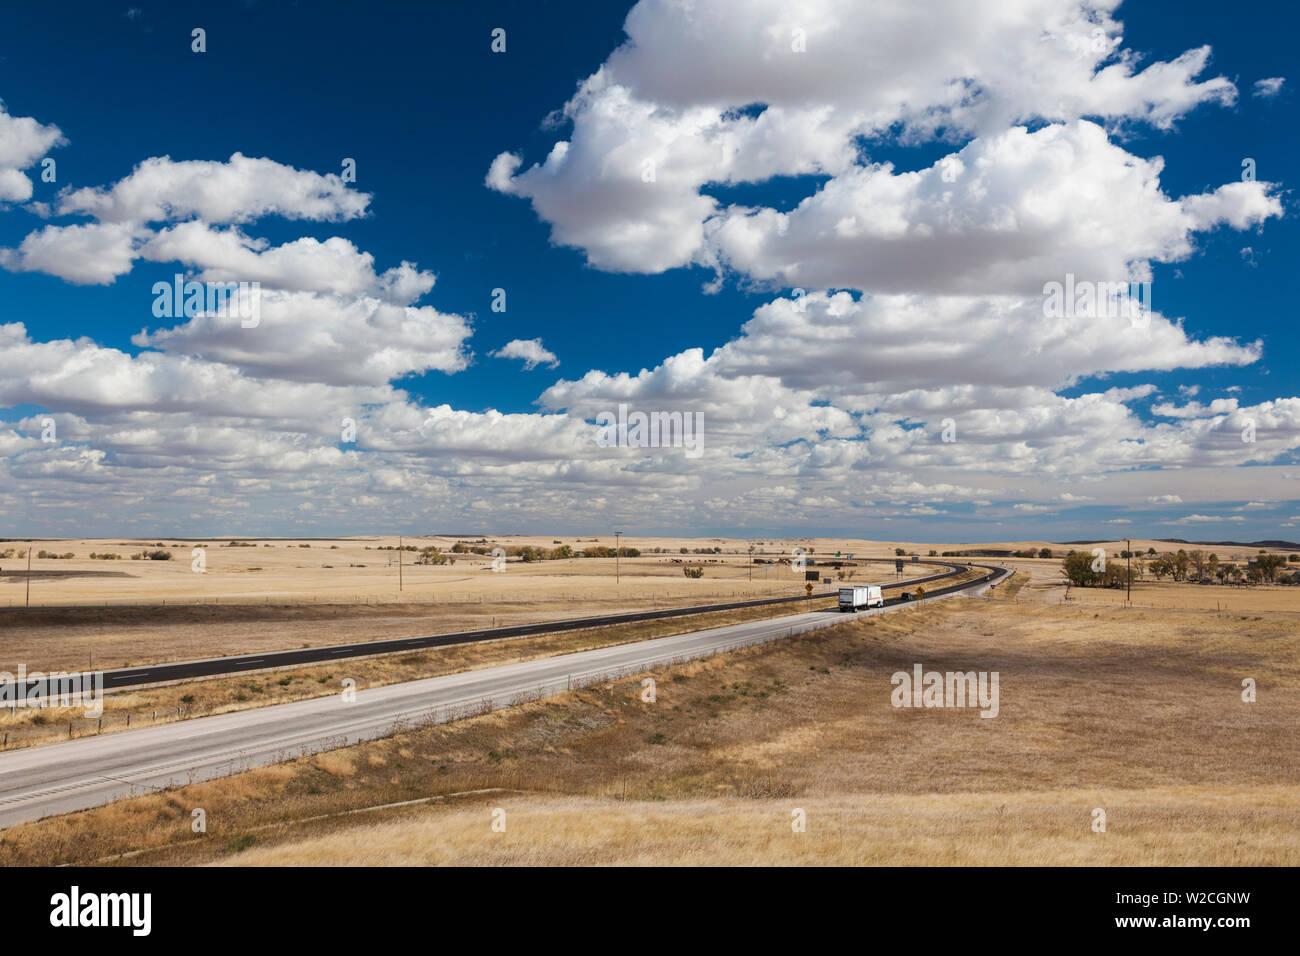 Stati Uniti d'America, Sud Dakota, Cactus piatto, vista in elevazione dell'autostrada interstatale I-90 Immagini Stock